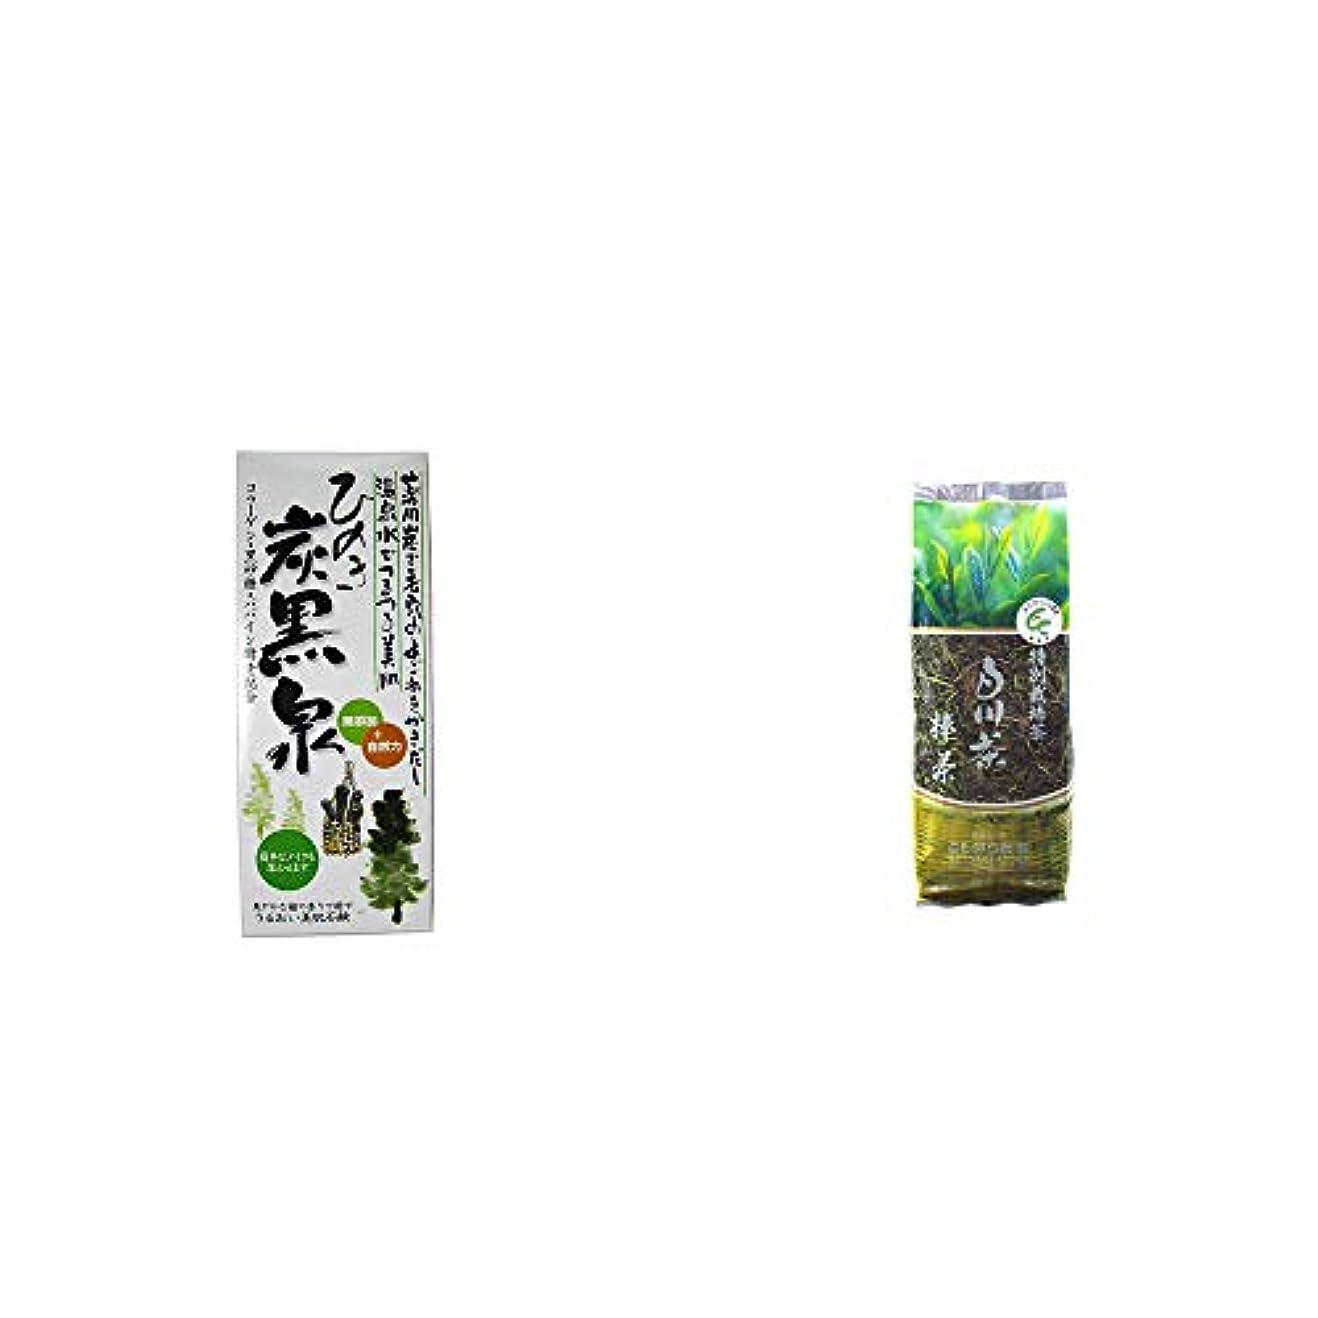 魅力的引き算イチゴ[2点セット] ひのき炭黒泉 箱入り(75g×3)?白川茶 特別栽培茶【棒茶】(150g)